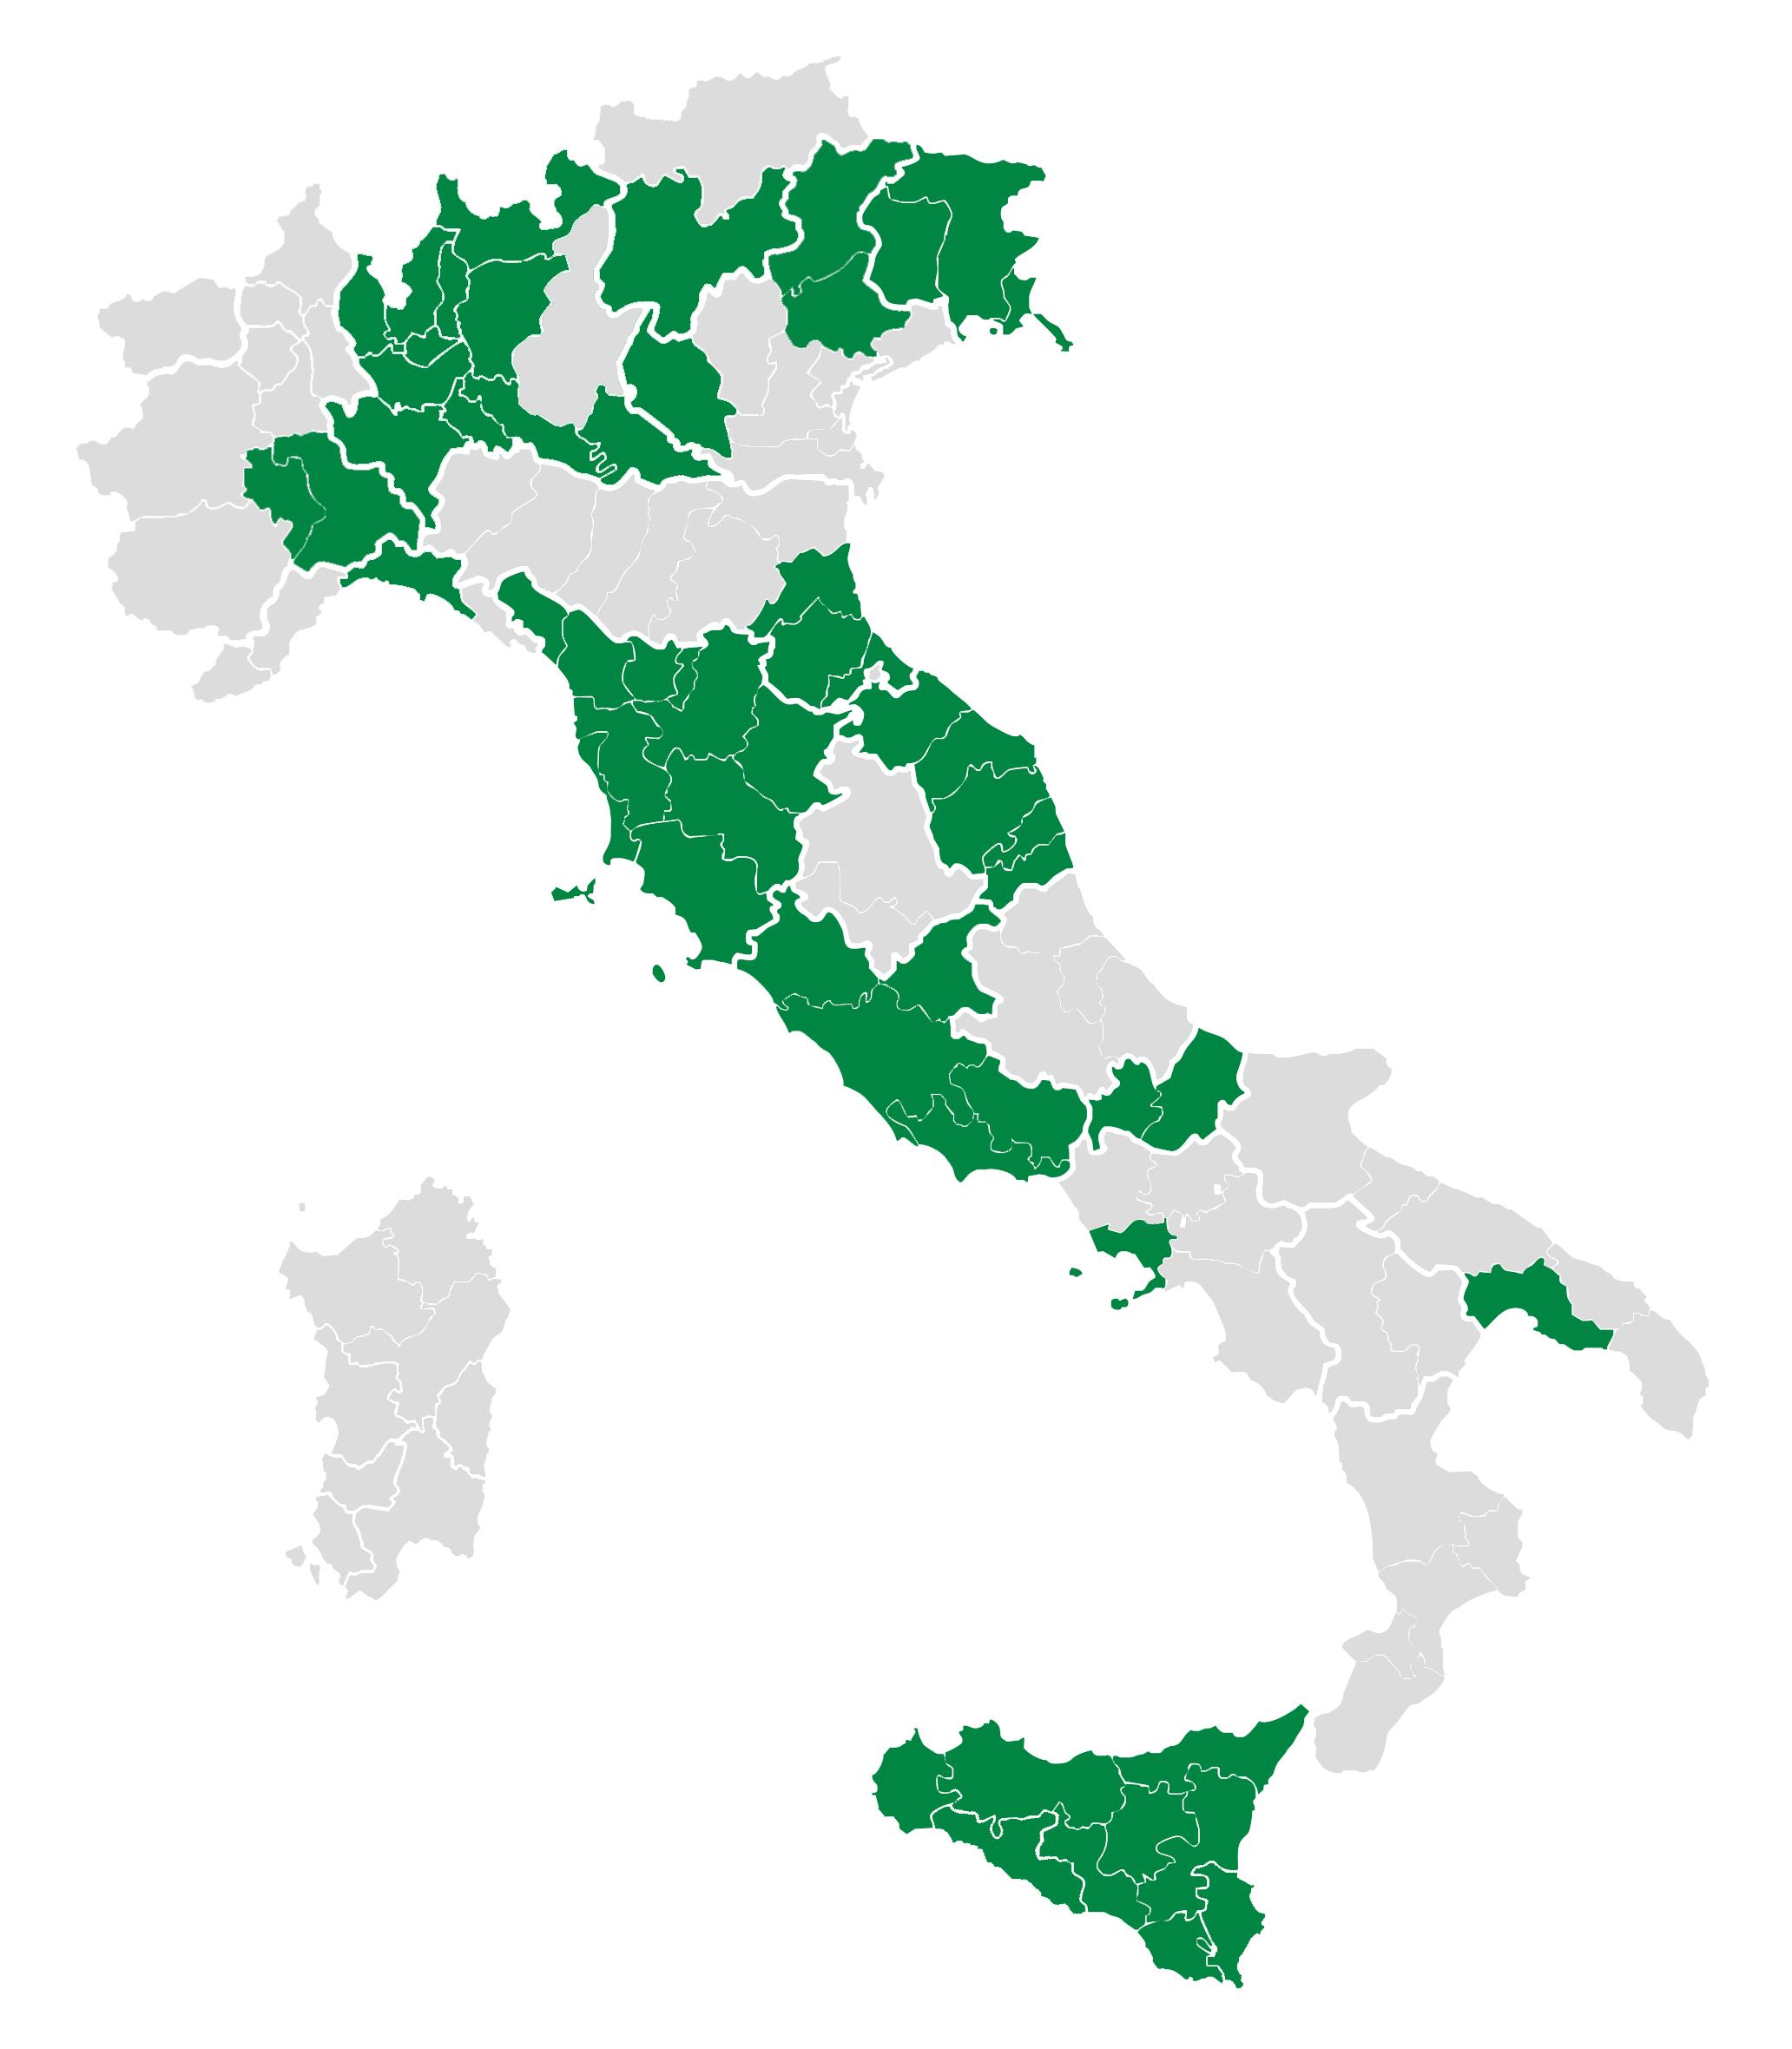 Mappa dei CSV aderenti